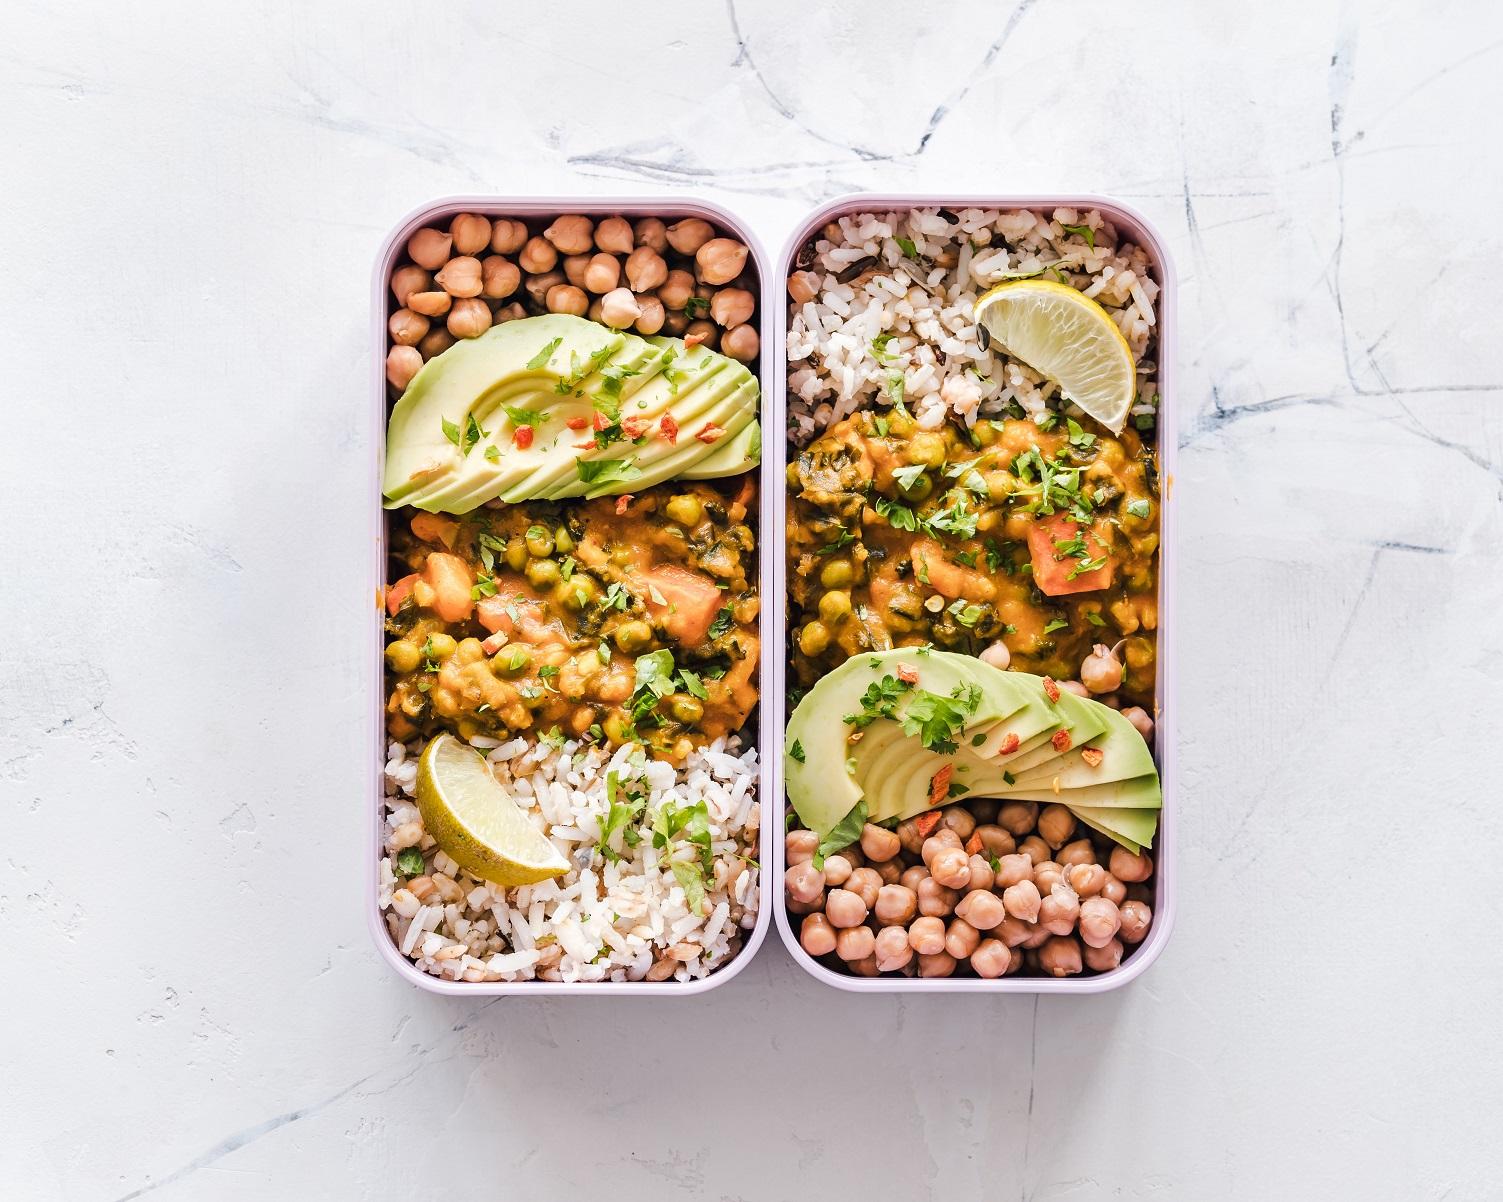 Sprawdź, jak powinno wyglądać zdrowe odżywianie w podróży